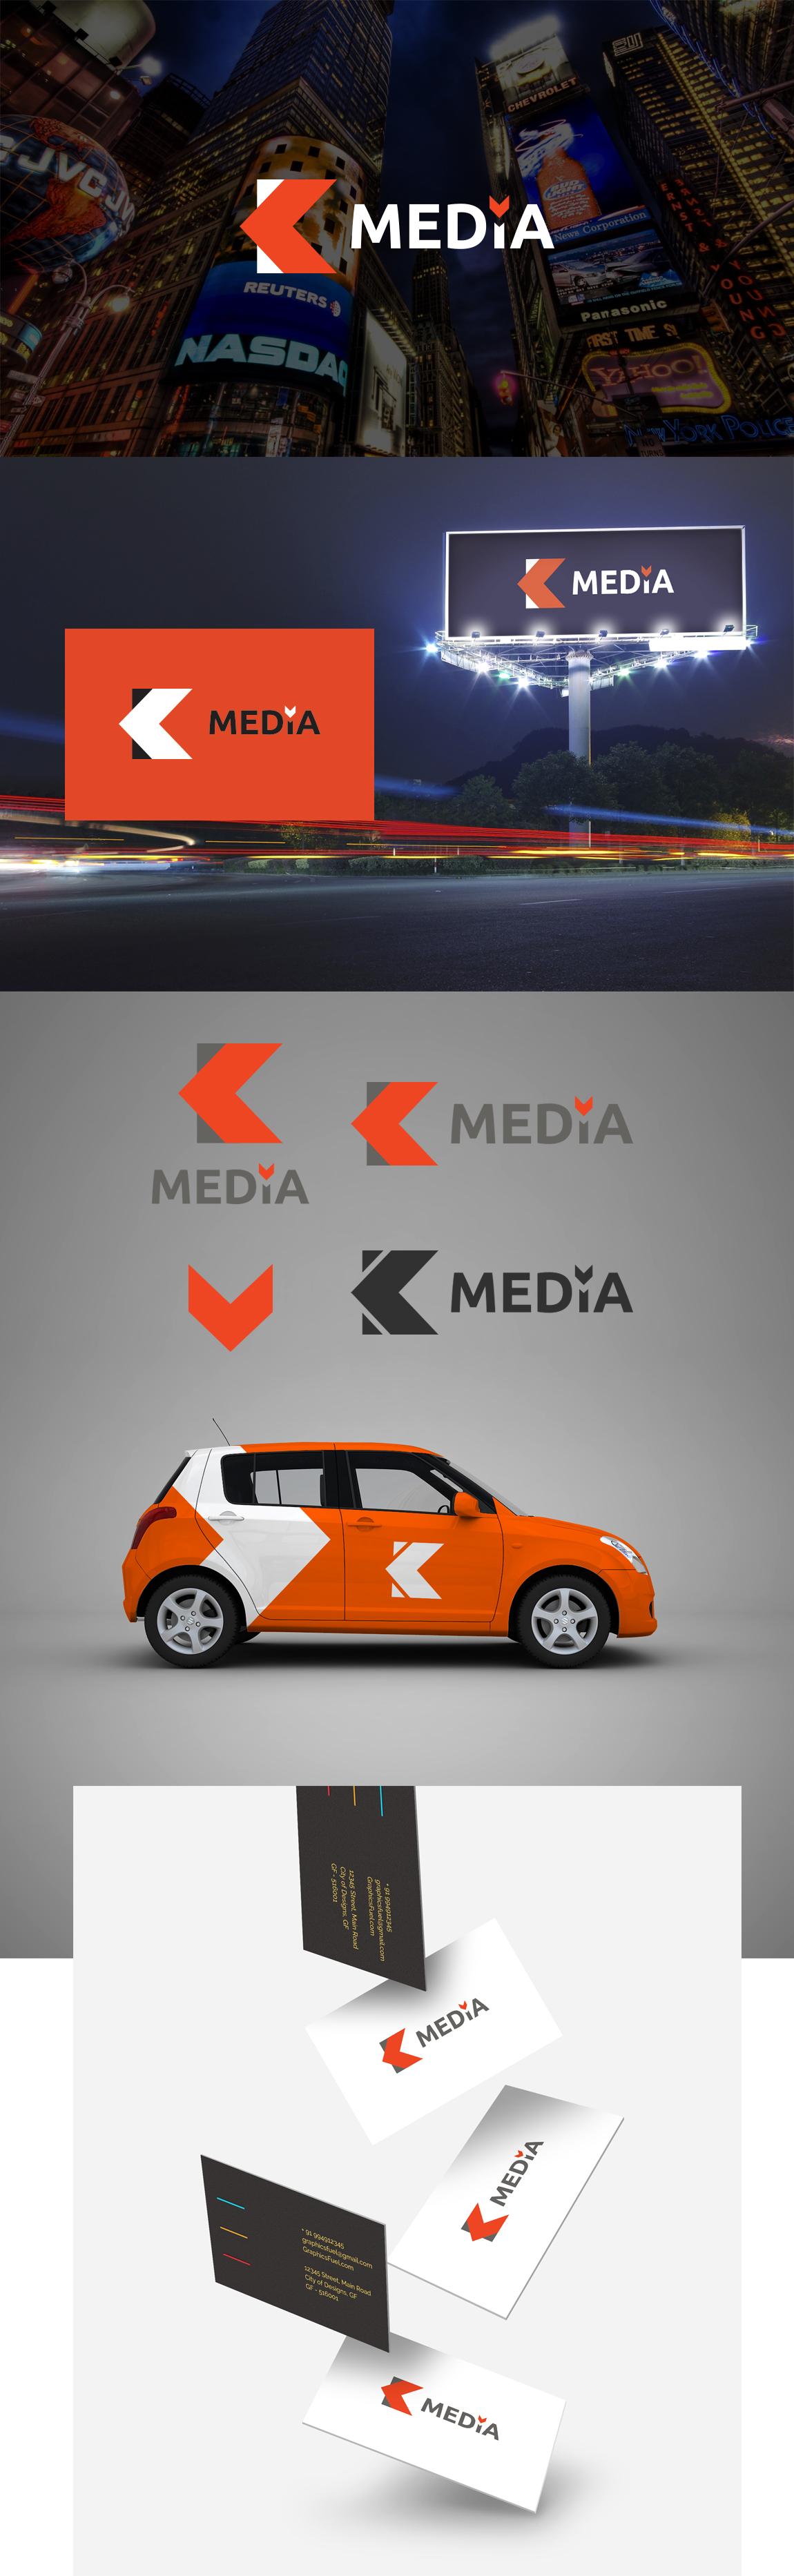 K-media